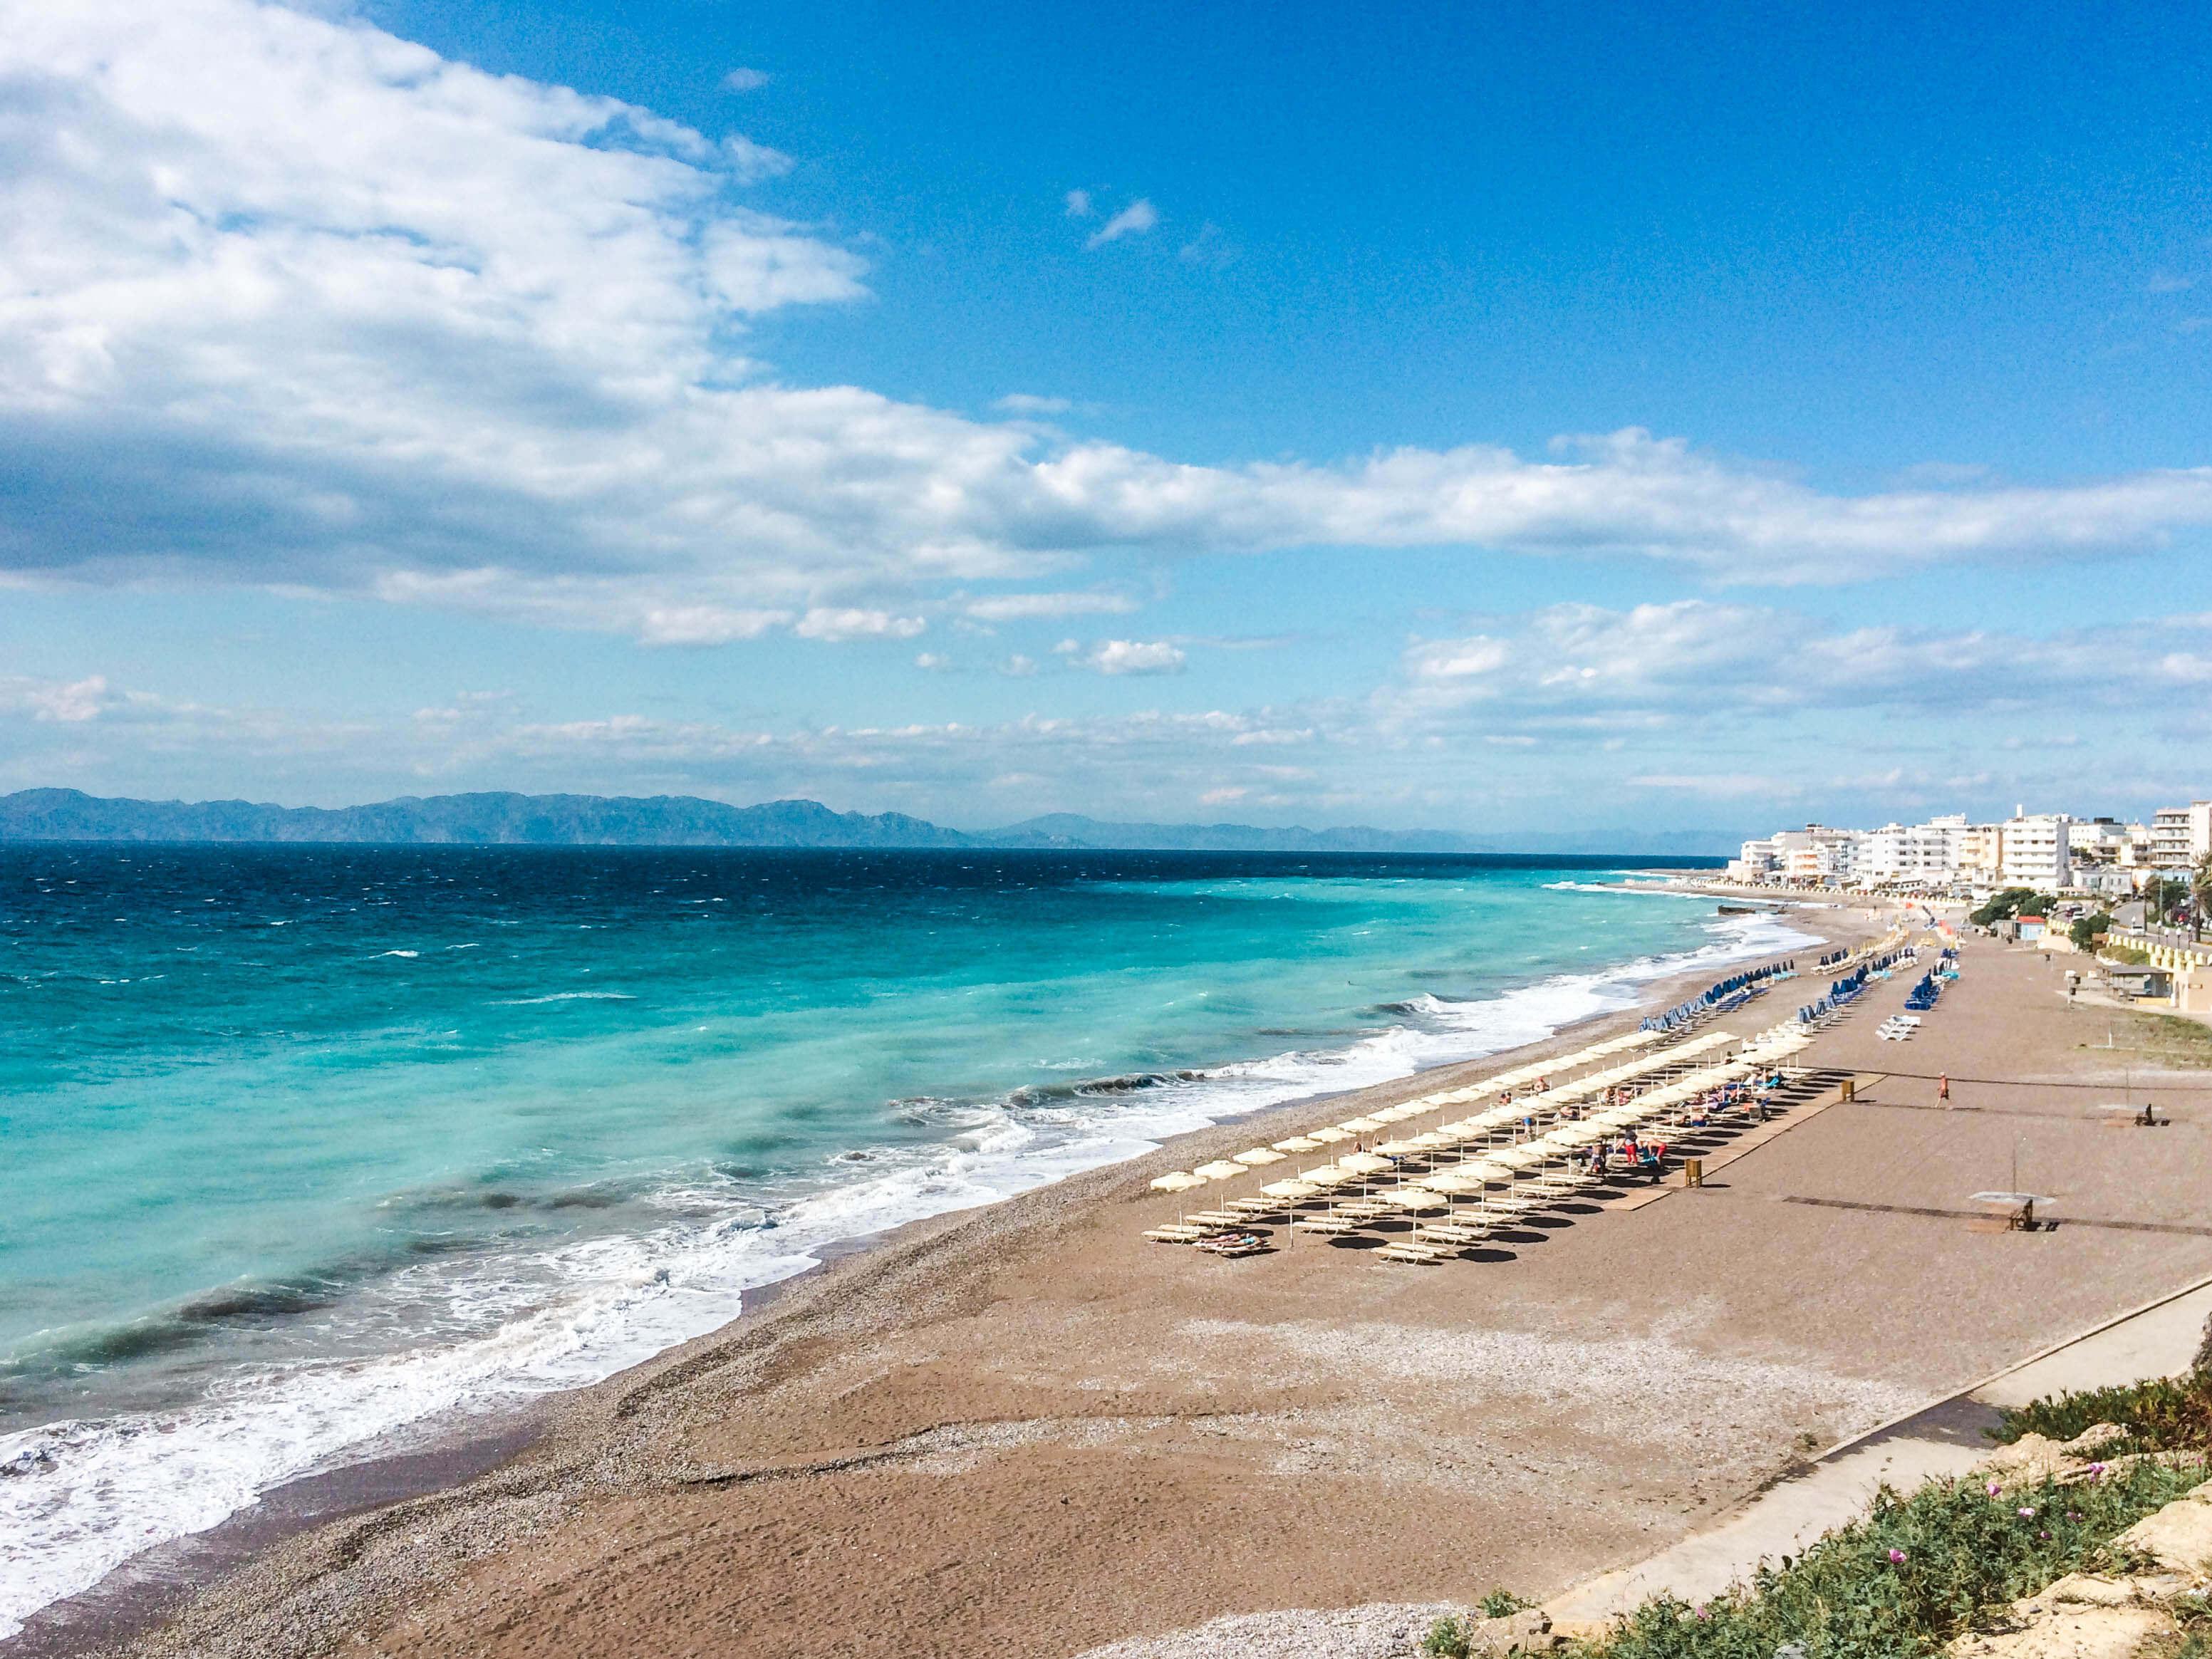 חופשה חלומית באי רודוס, יוון, שעה מכאן